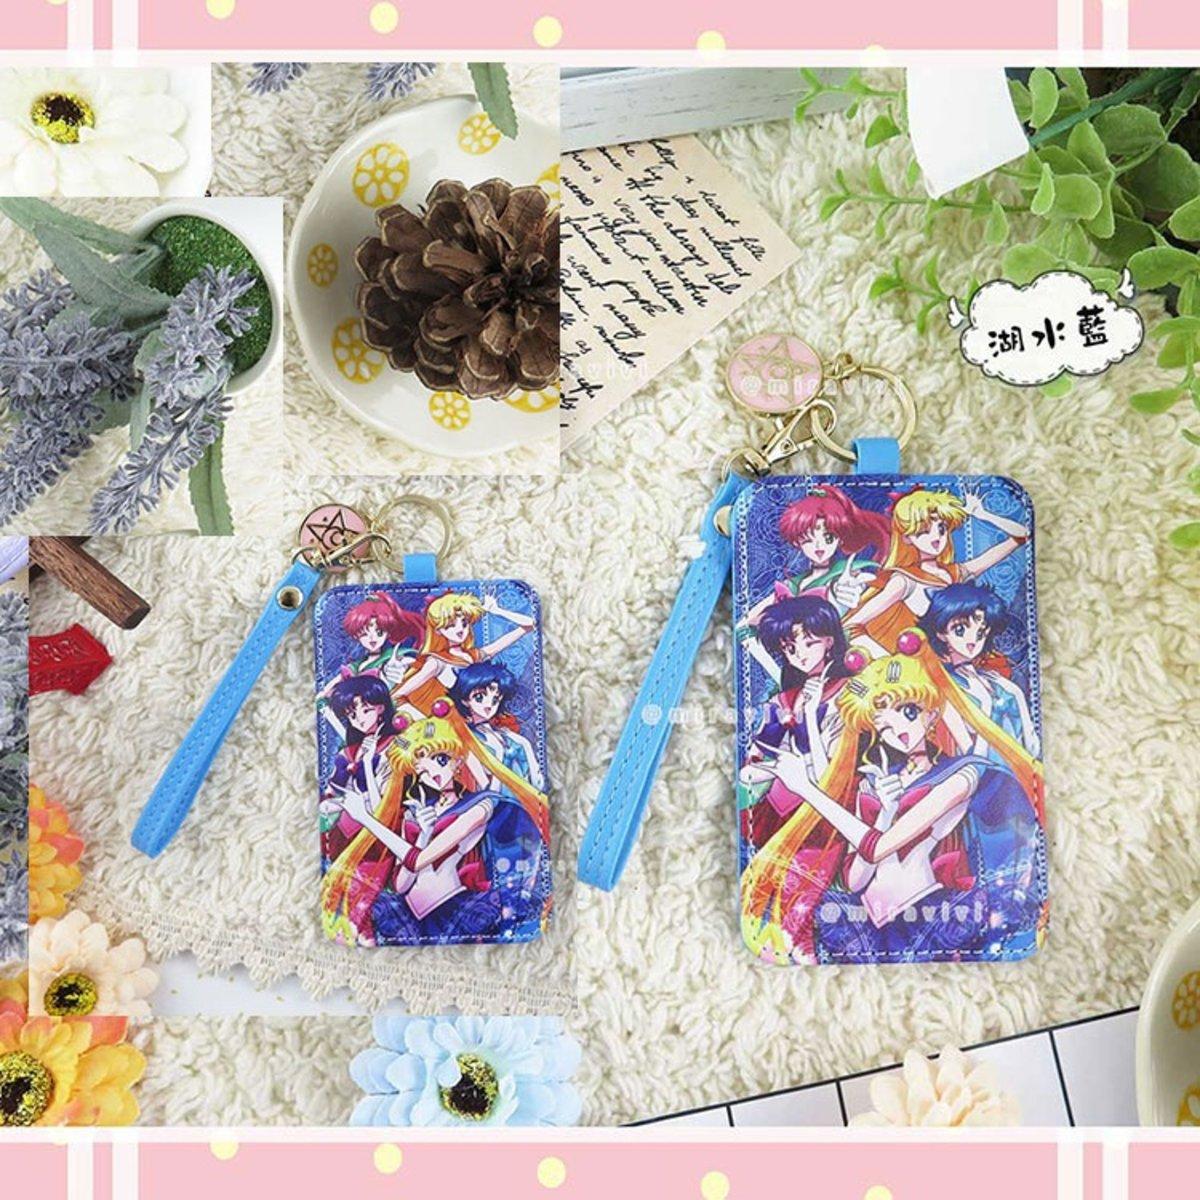 美少女戰士 皮革吊飾 八達通/證件 卡套 ( sailormoon01 )